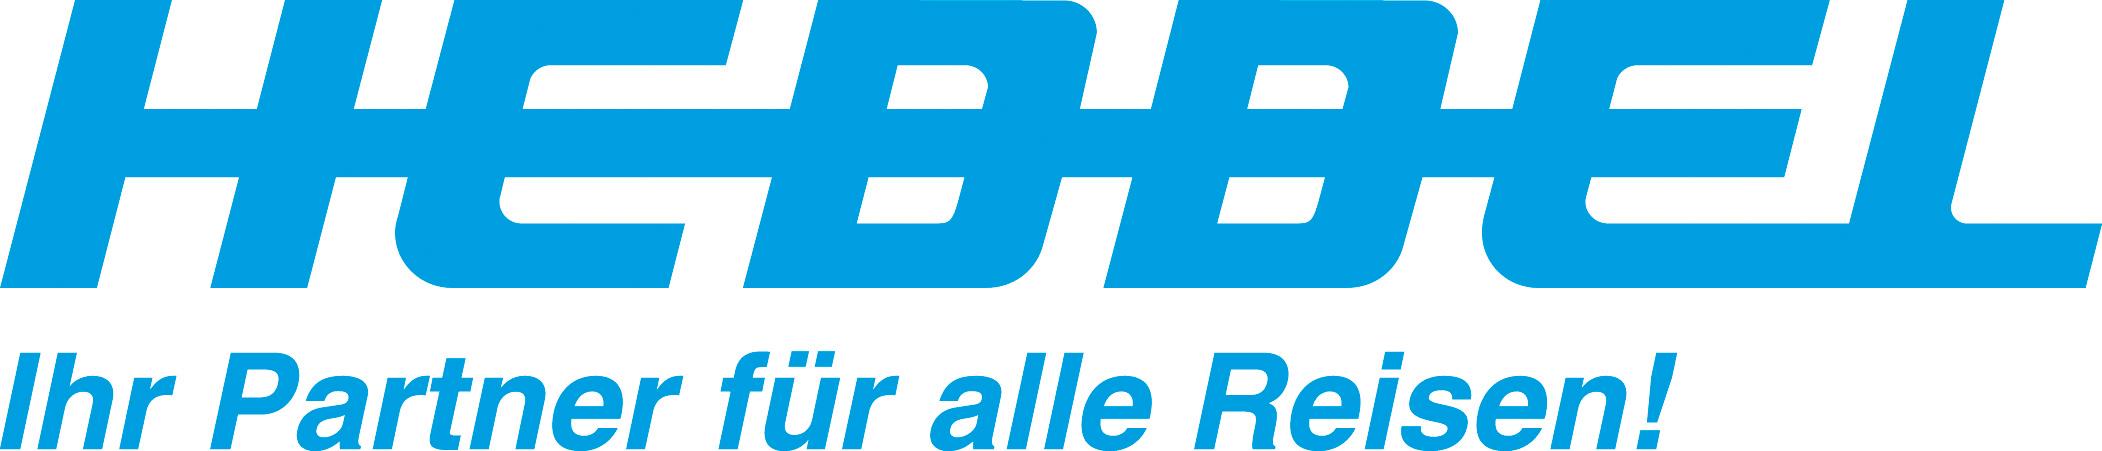 Reisebüro Hebbel Burscheid